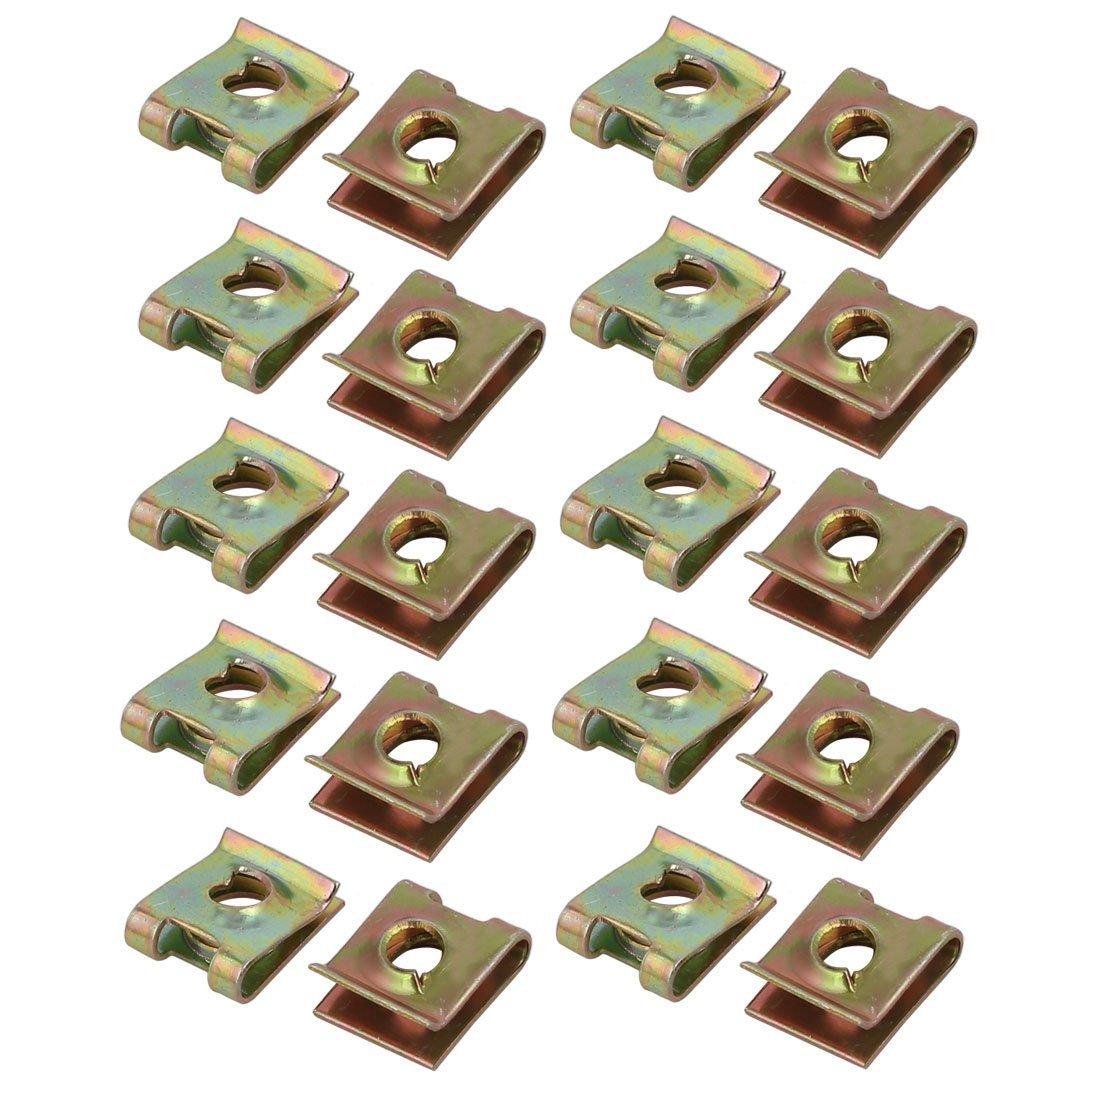 uxcell Fit M4/ST4.2 Screw 65Mn Steel Zinc Plated U Nut Brass Tone 10.2mm x 8.3mm 20pcs